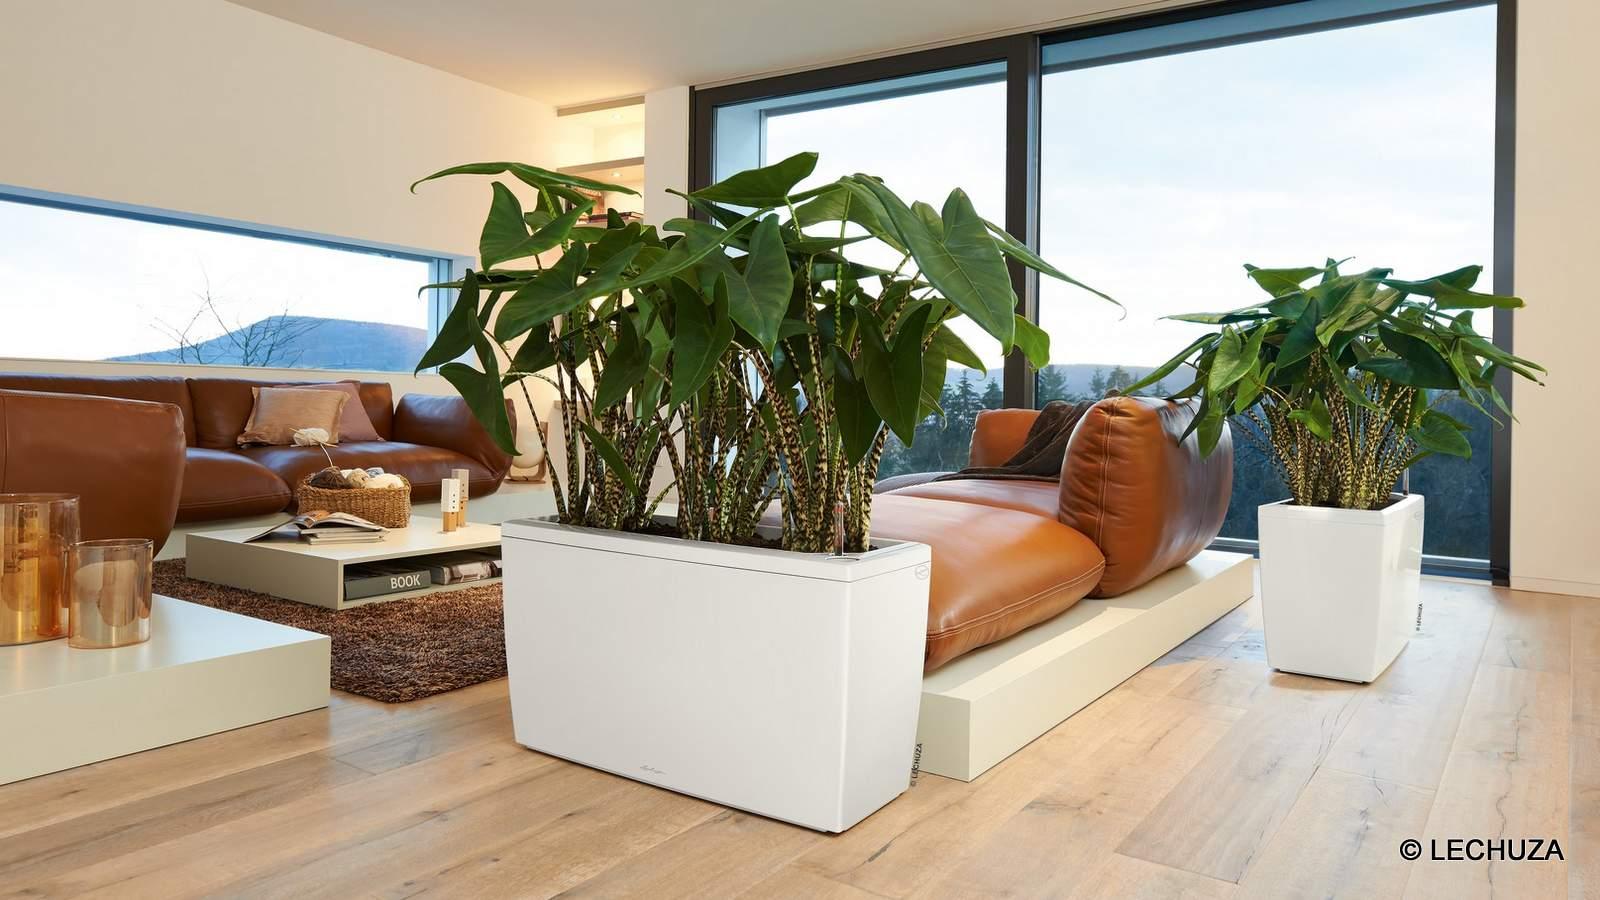 Das passende zu Hause für jede Pflanzenart: Pflanzgefäße von LECHUZA